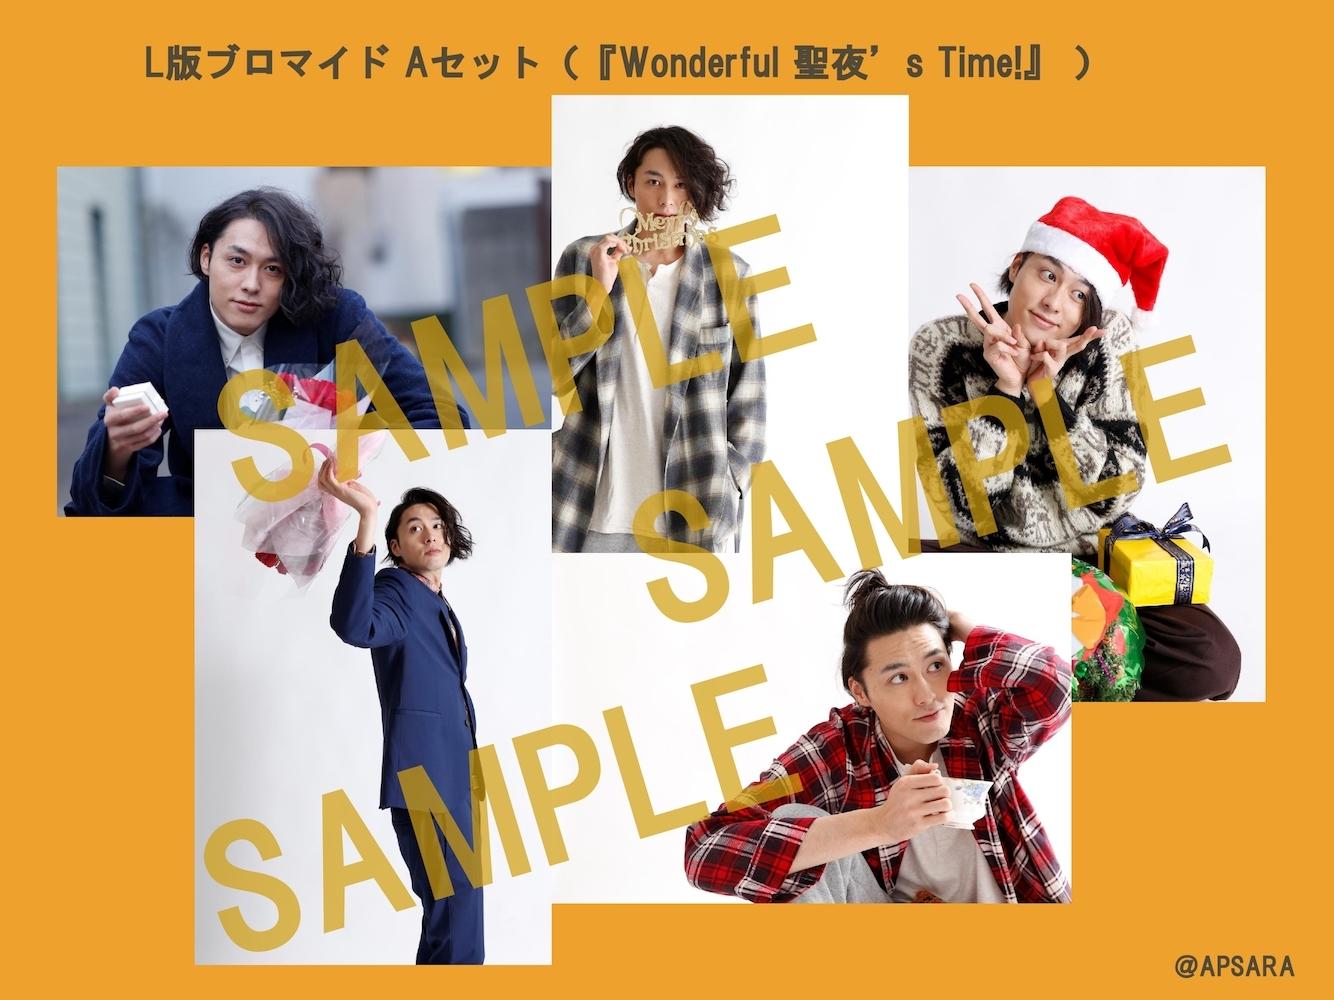 ブロマイドAセット(『Wonderful 聖夜's Time!』 )